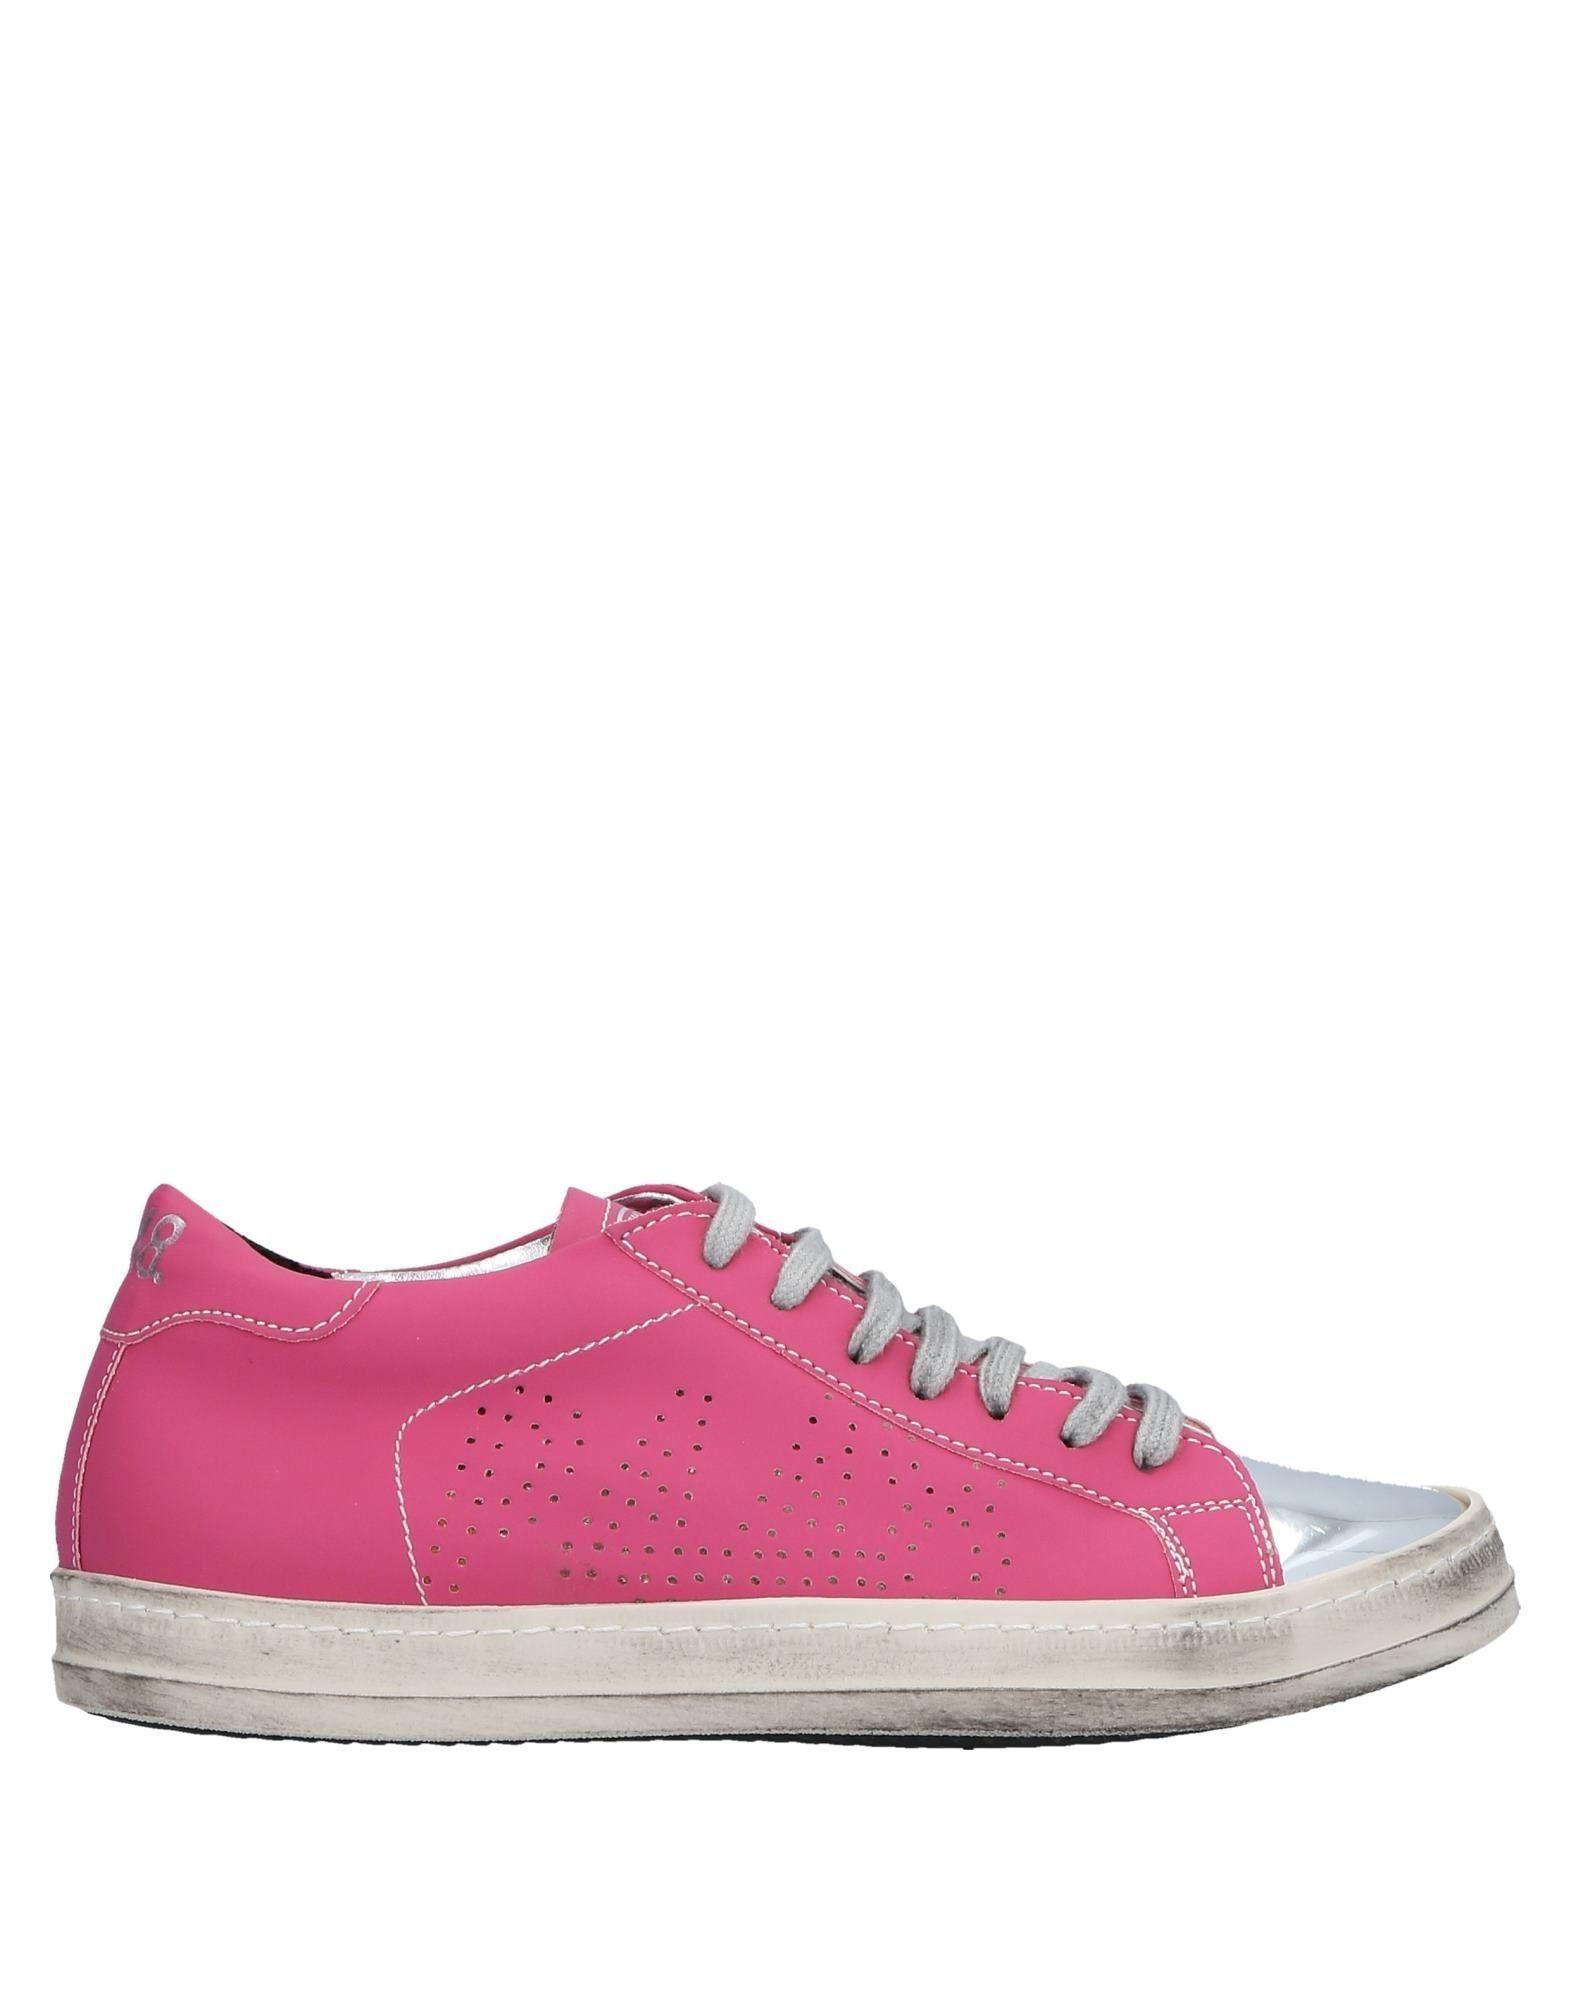 P448 Sneakers Damen  11530794SV Gute Qualität beliebte Schuhe